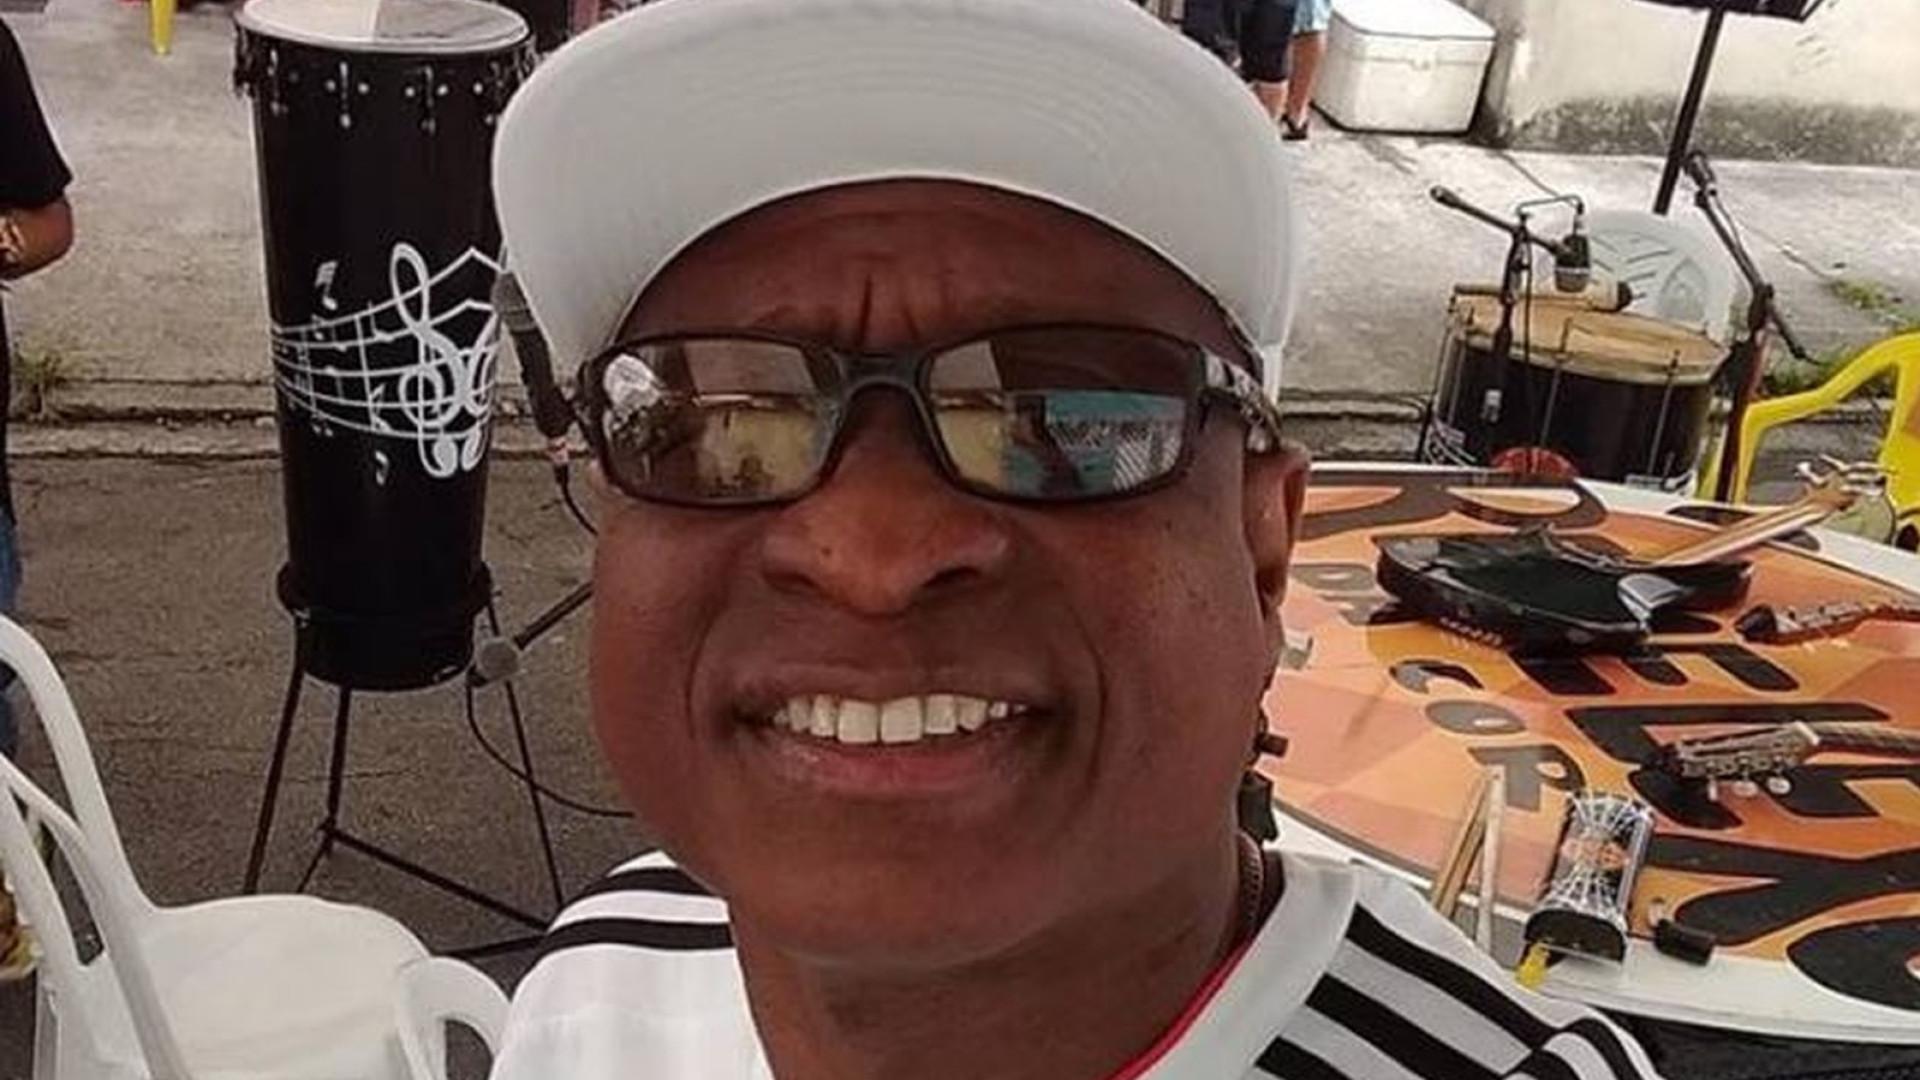 Músico morre após Exército fuzilar carro de família com 80 tiros no Rio